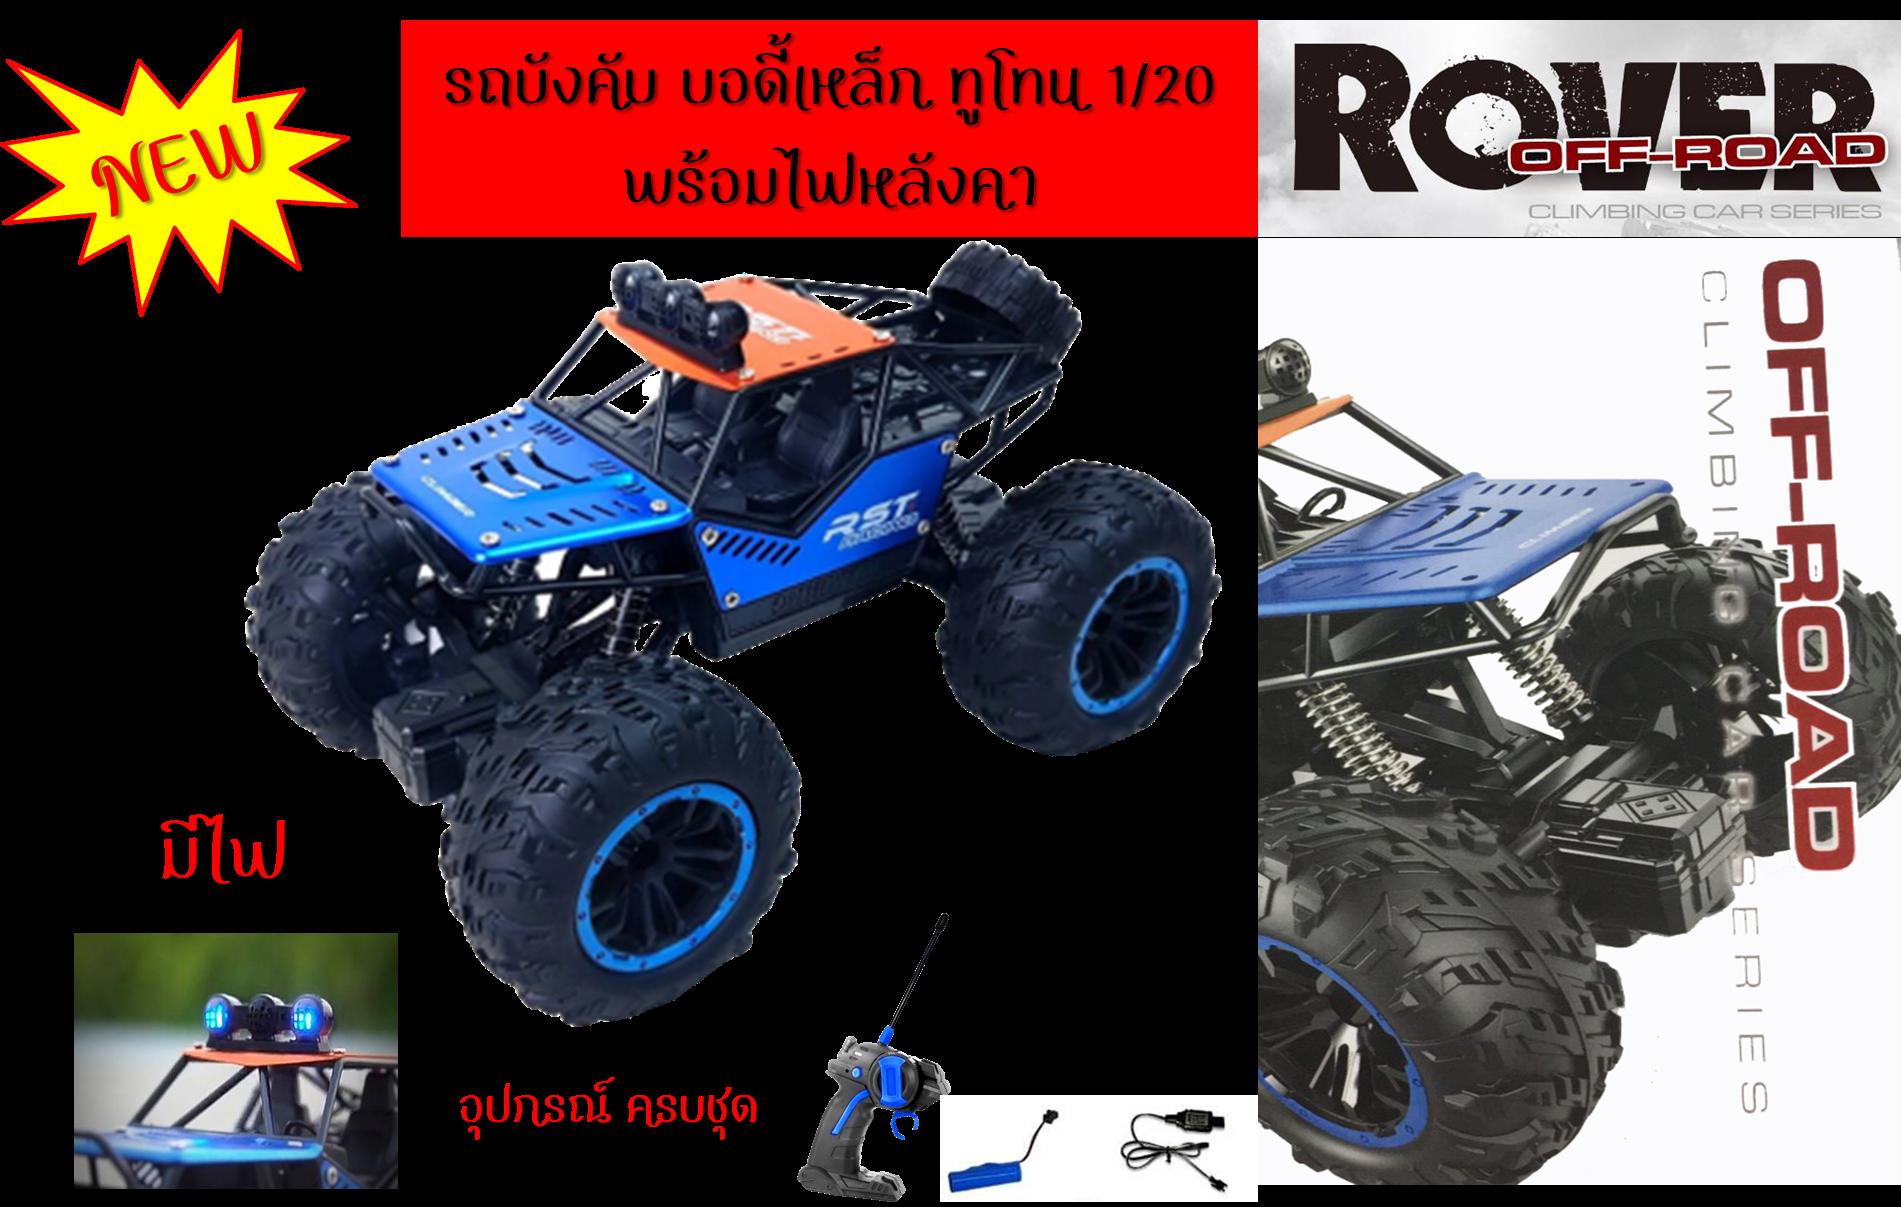 Shockzone รถบังคับ รถบังคับวิทยุ ไต่หินบอดี้เหล็ก(c021s) สเกล 1:20 มาพร้อมแบท ของเล่นเด็ก ของเล่น รถบังคับถูกๆ  เหมาะสำหรับเด็กอายุ 6 ปีขึ้นไป.